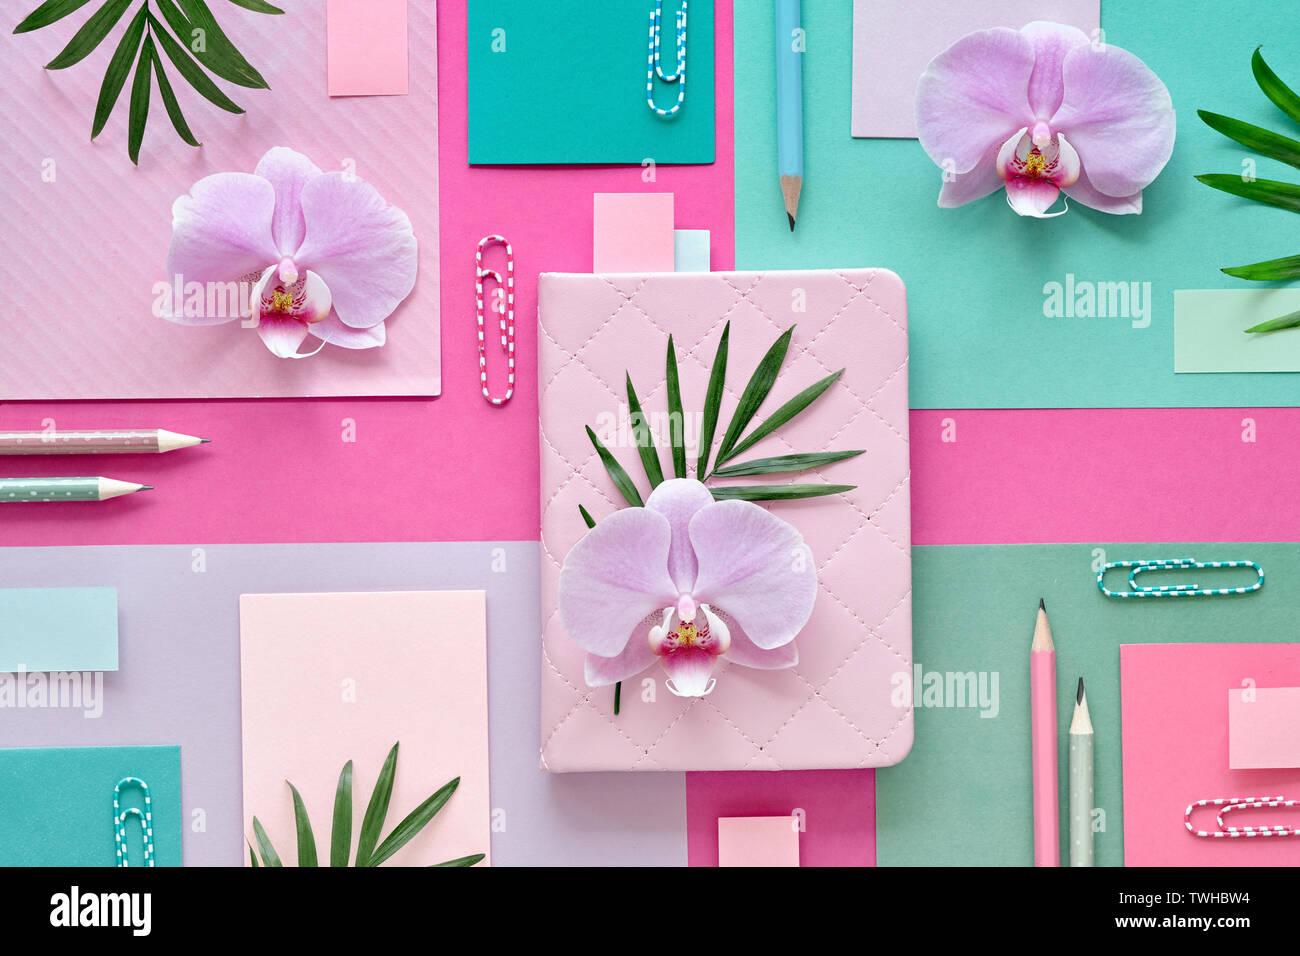 Blumen Papier Hintergrund In Rosa Und Mint Farben